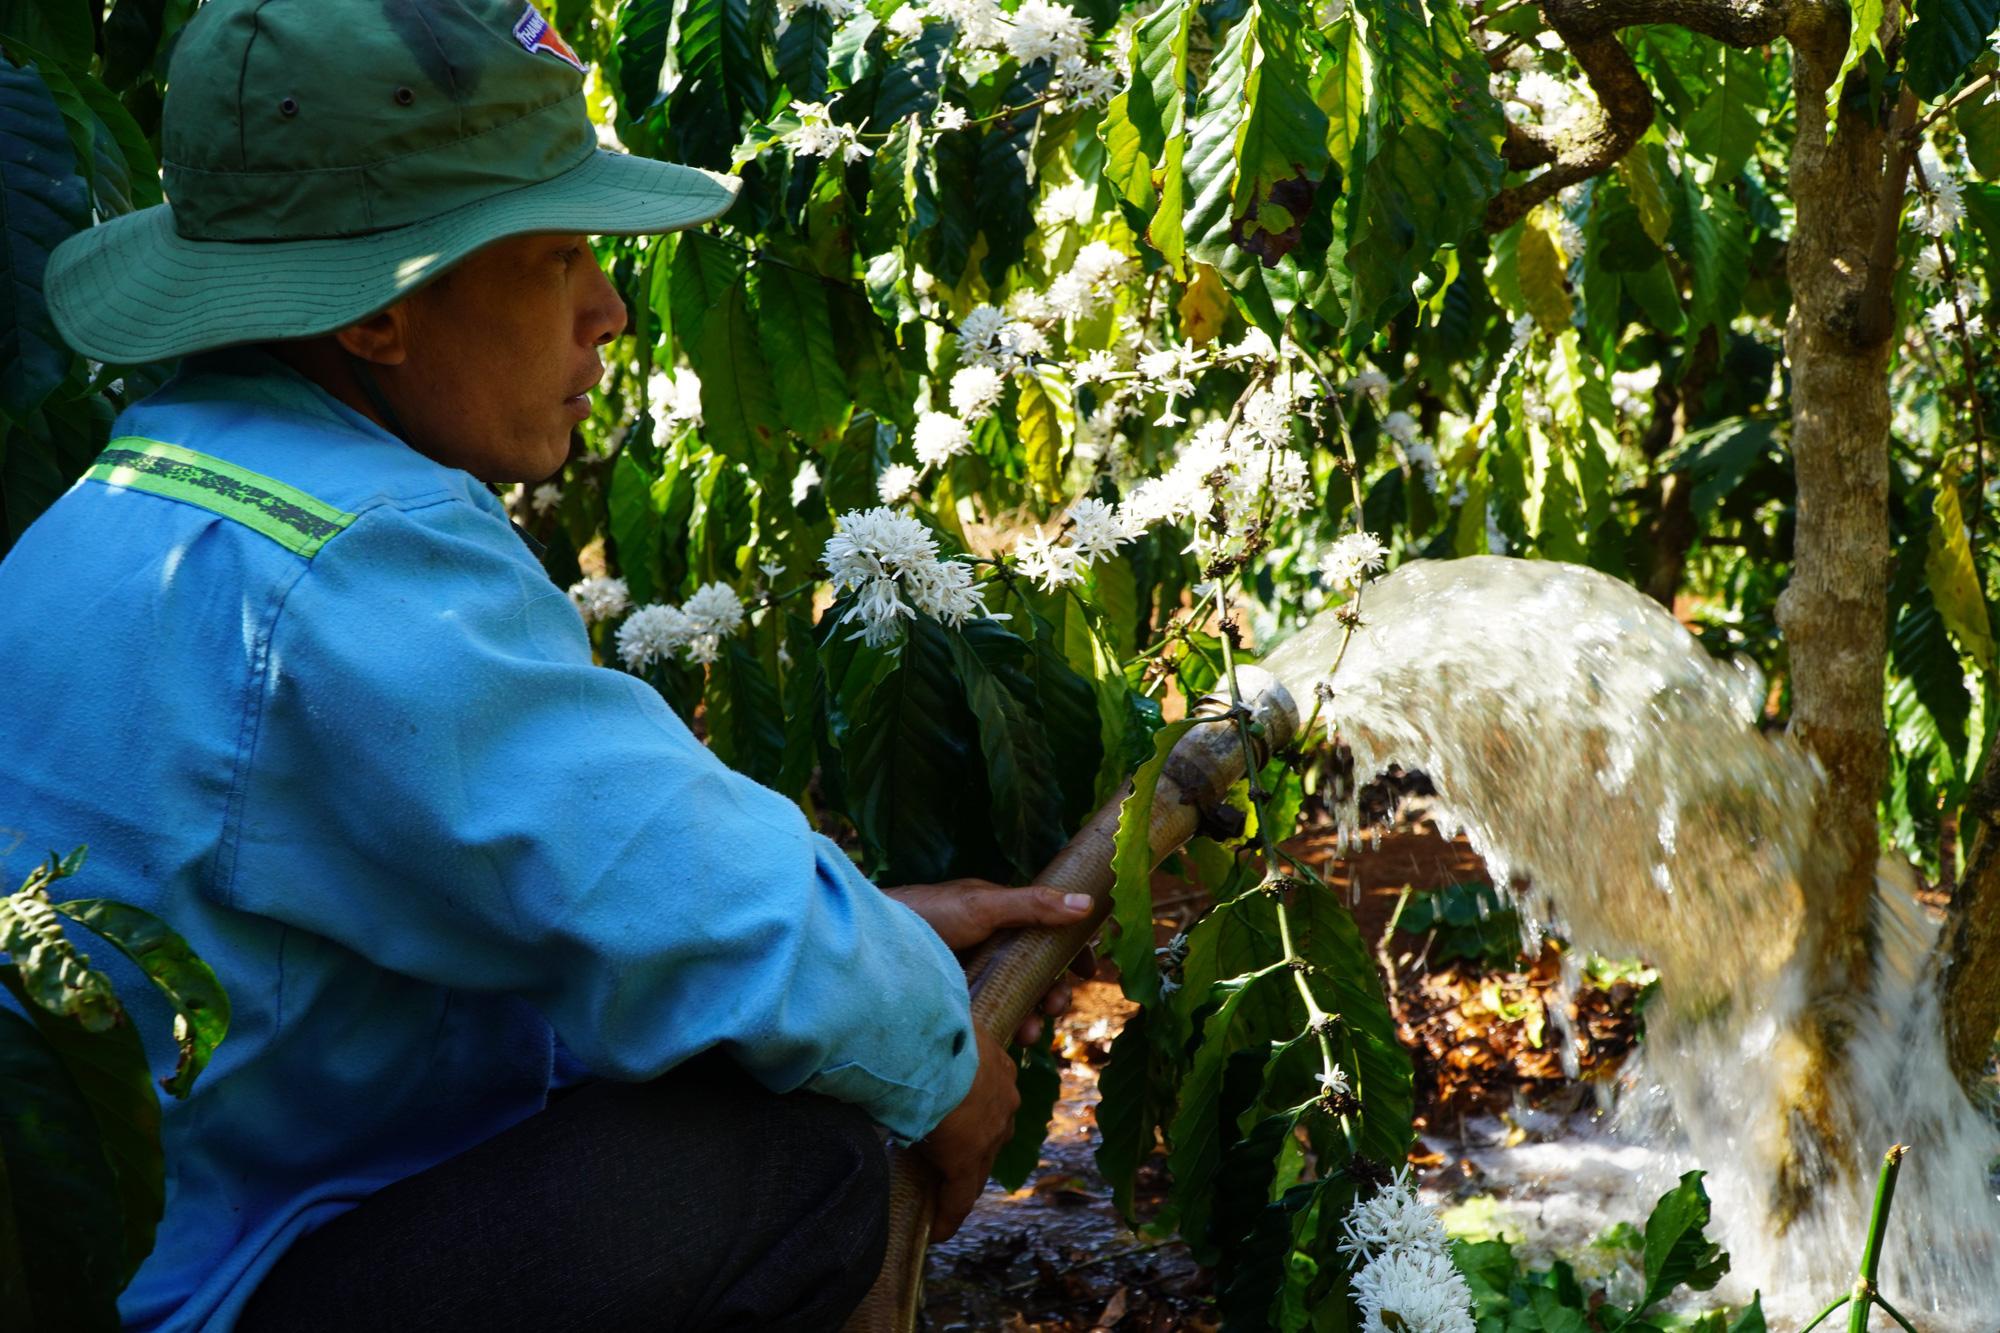 Nông dân Gia Lai hối hả đưa máy móc tưới cho cà phê sai quả - Ảnh 2.